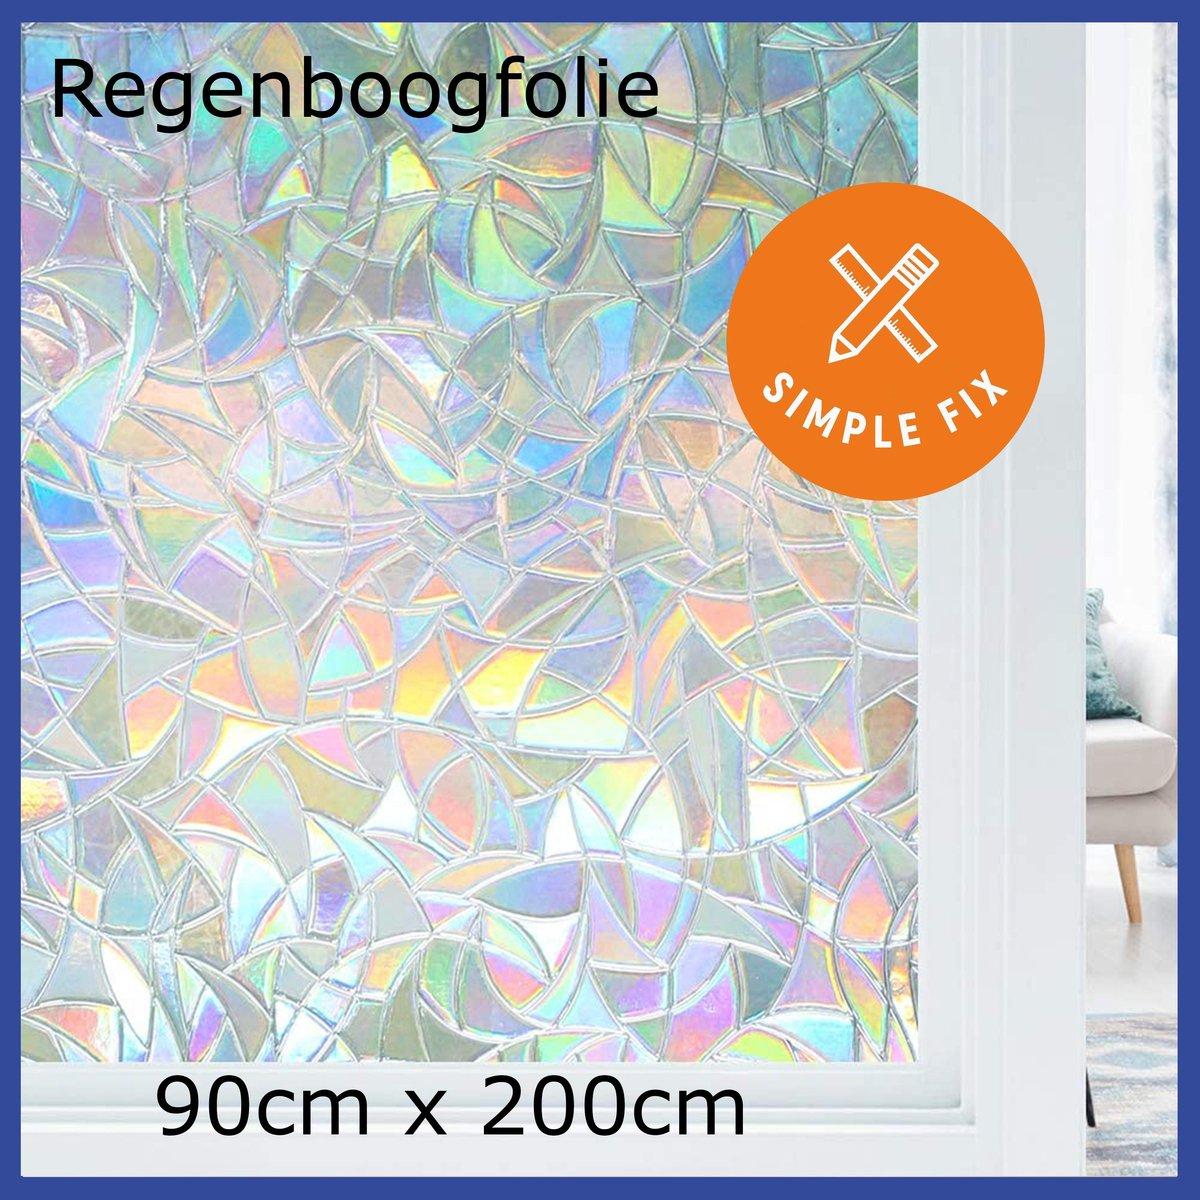 Raamfolie - 90cm x 200cm - Plakfolie - Decoratiefolie - Zelfklevend - Regenboogfolie - Statisch - An